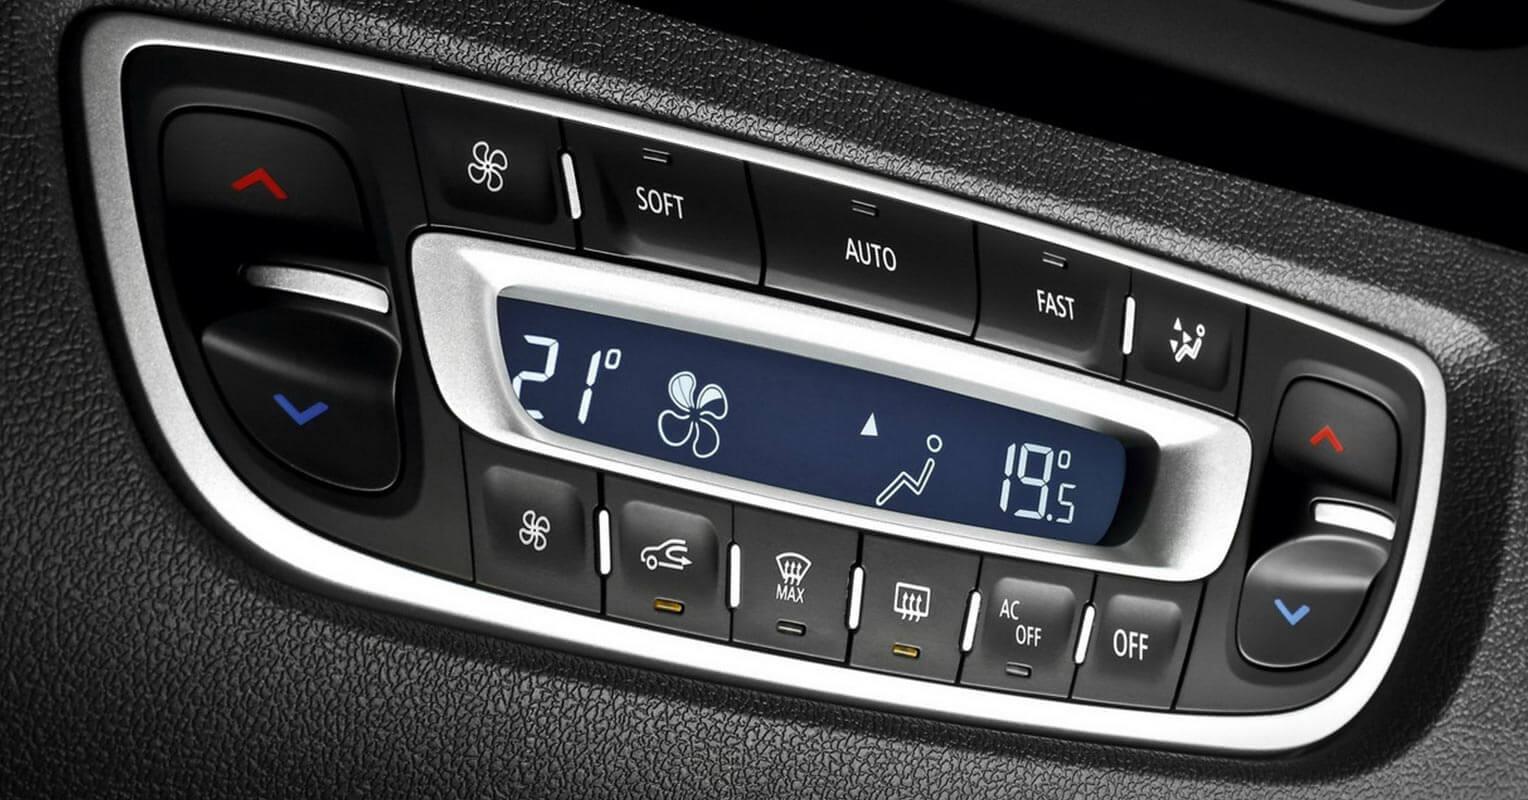 Climatizador automático